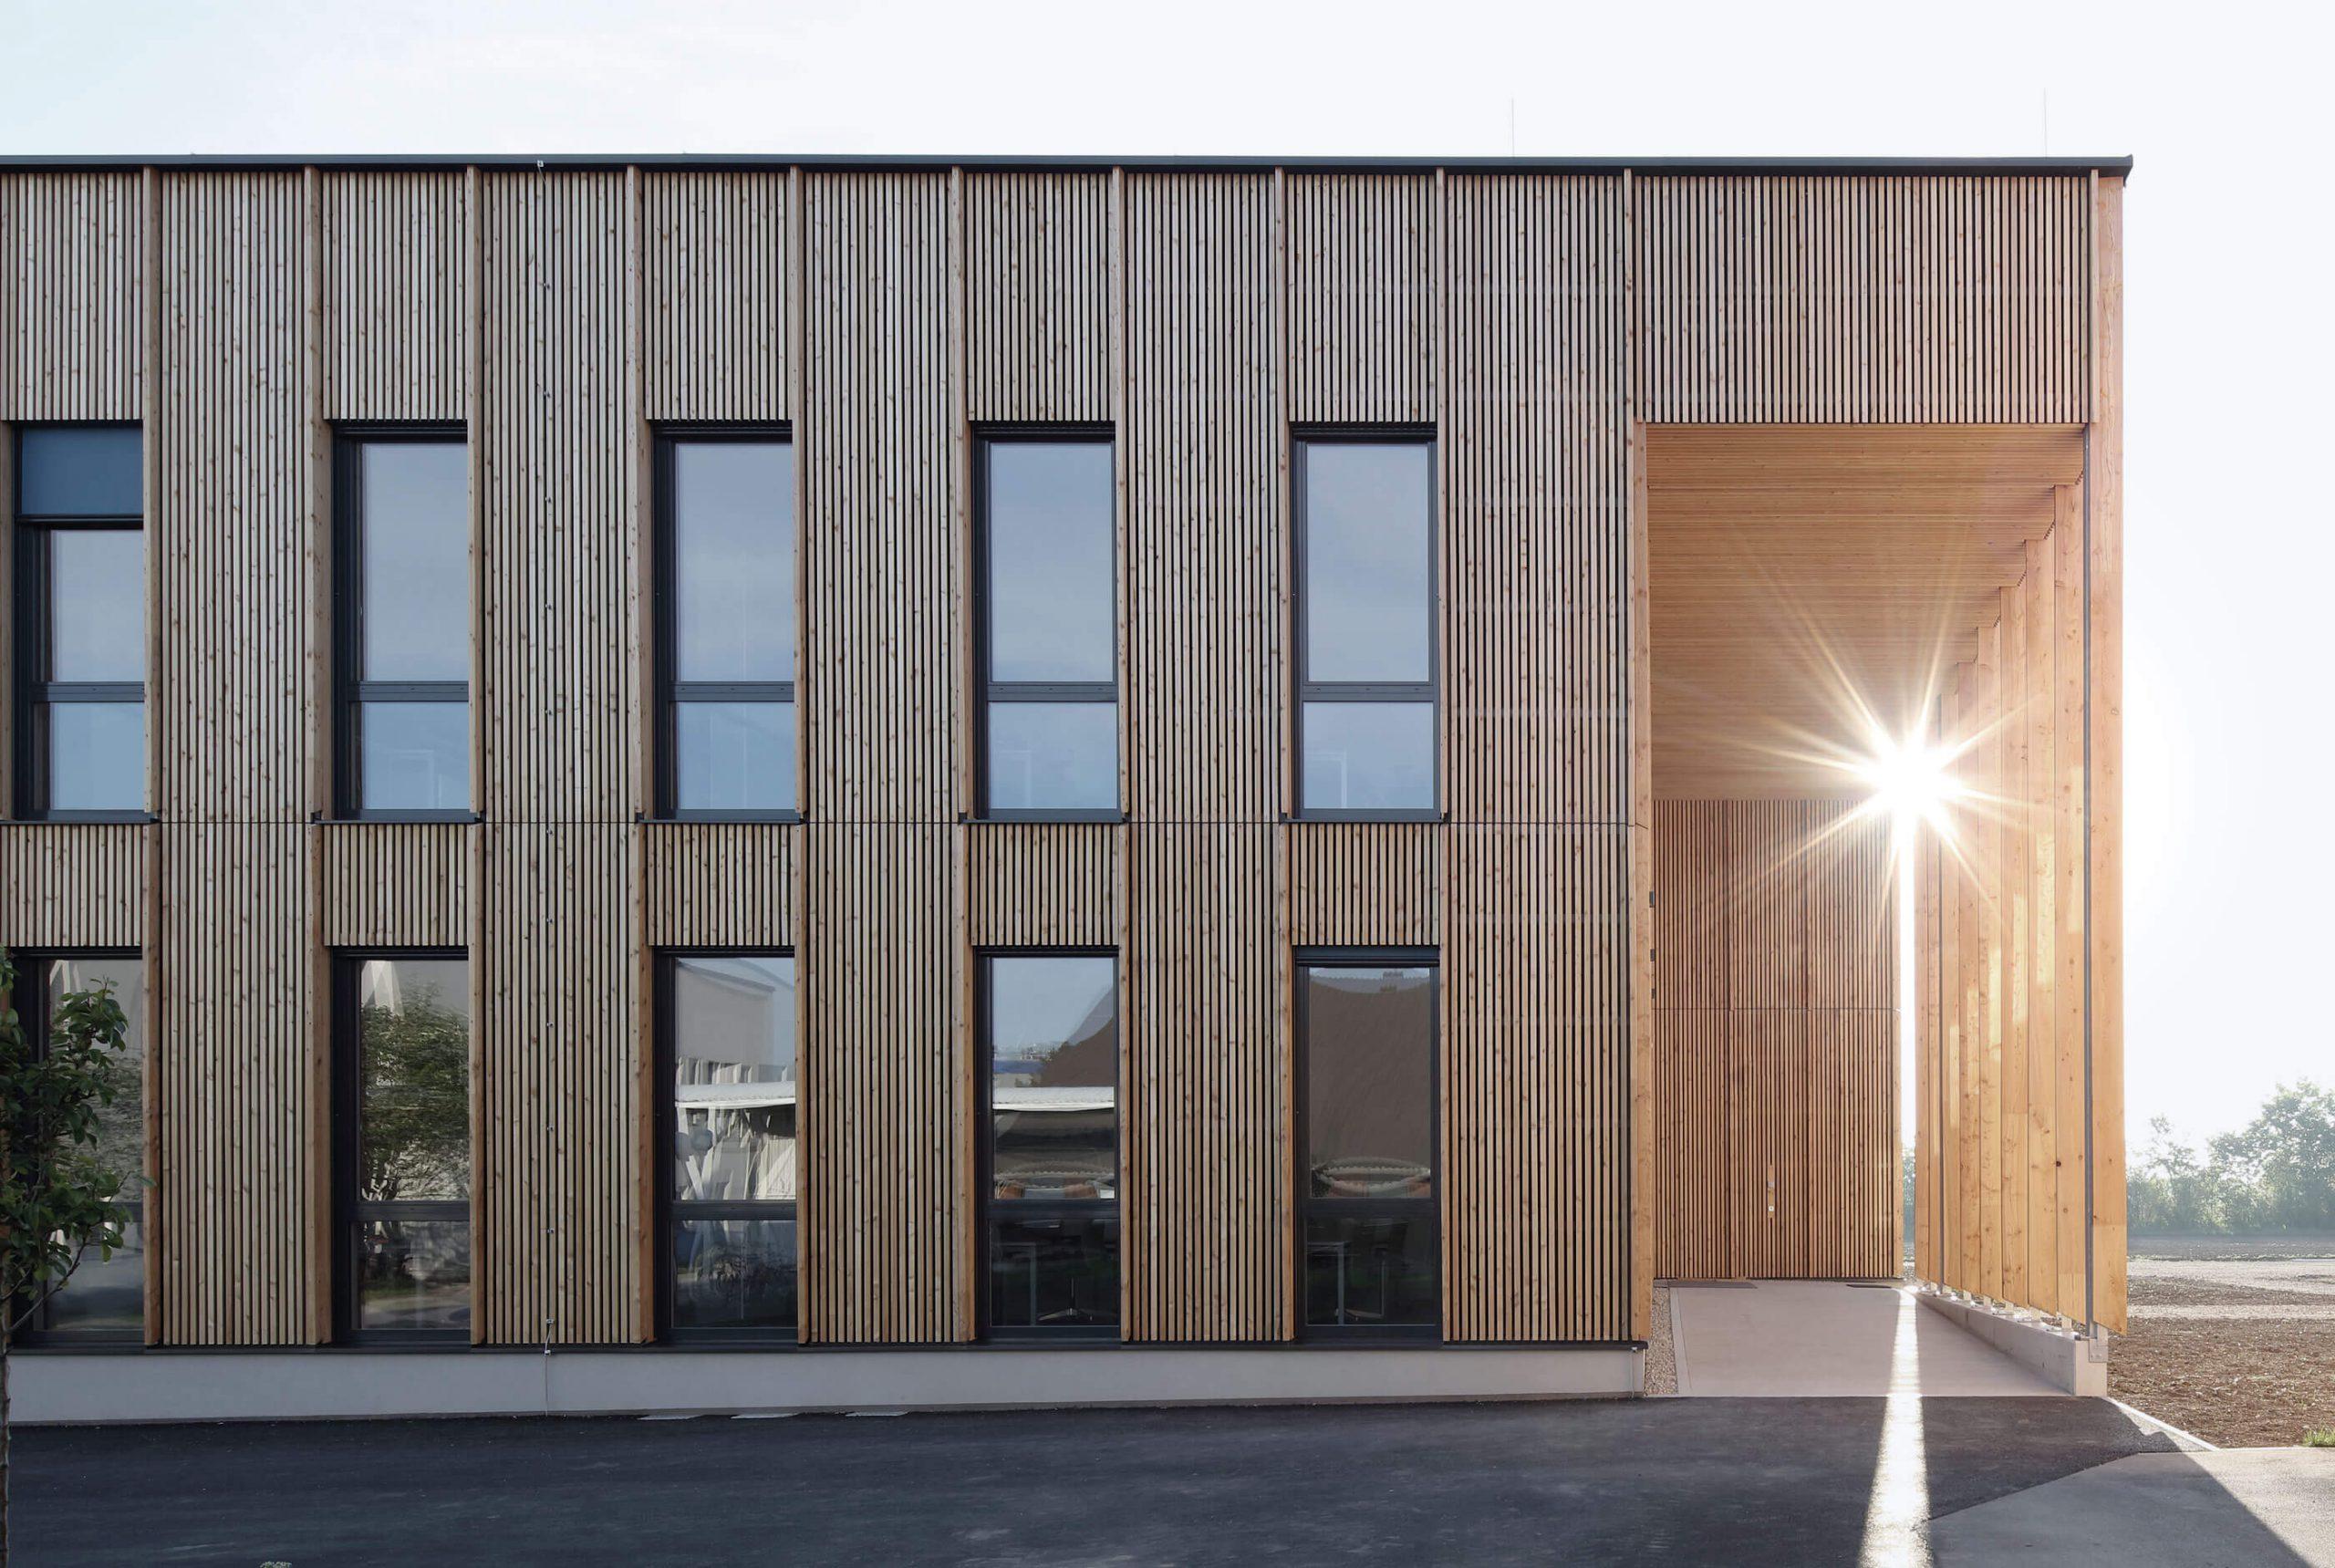 Víťaz architektonickej súťaže - drevostavba, IFA, Tulln